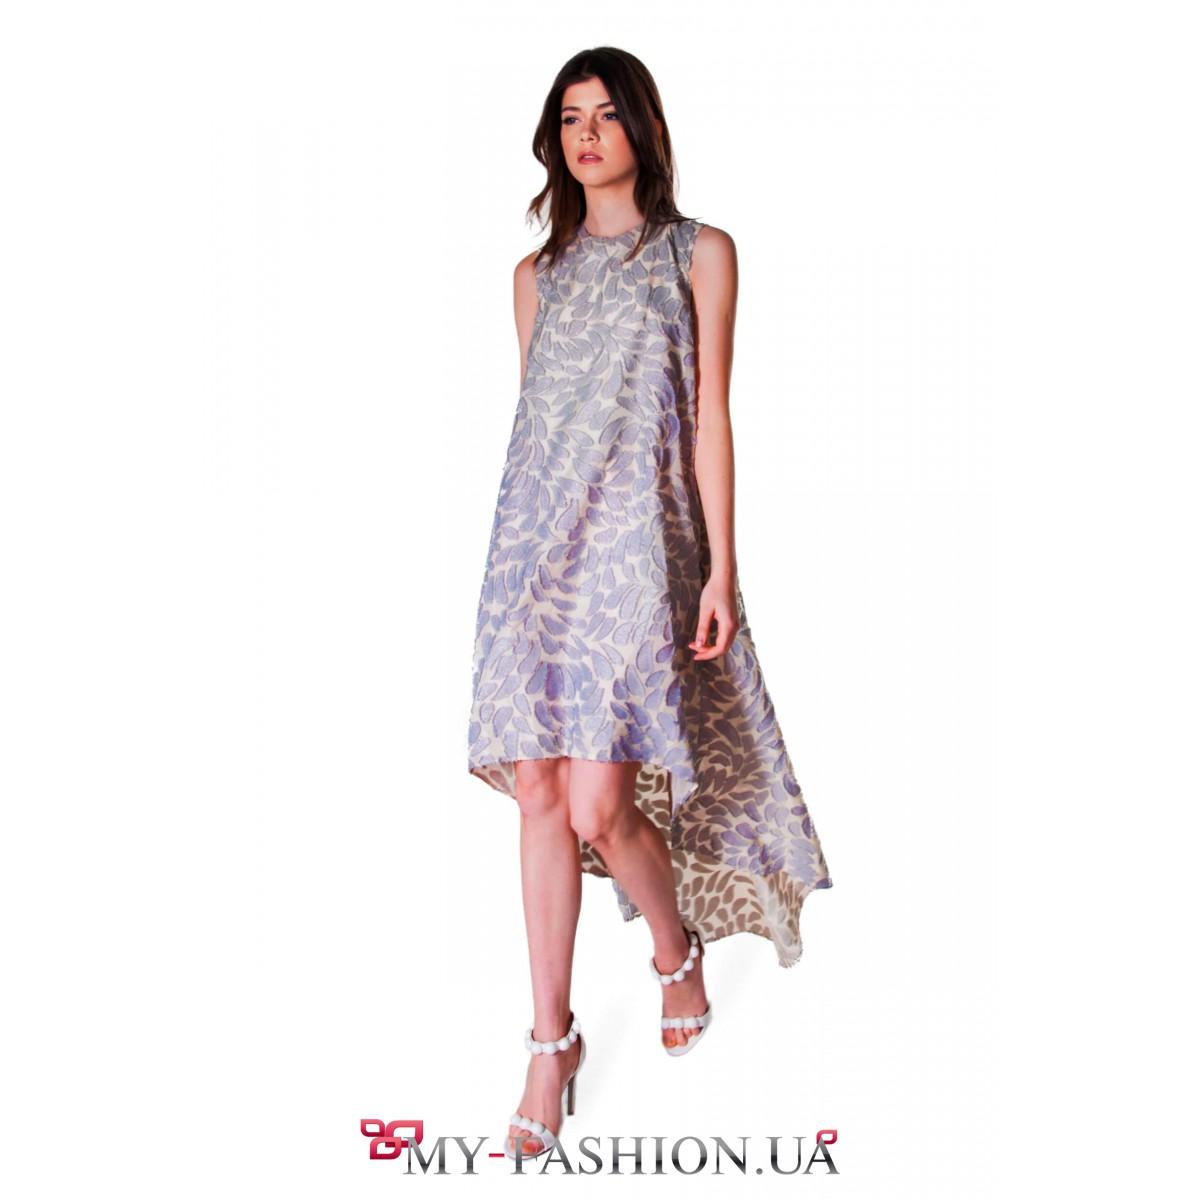 2d38321ee6d Длинное вечернее платье А-образного силуэта купить в интернет ...